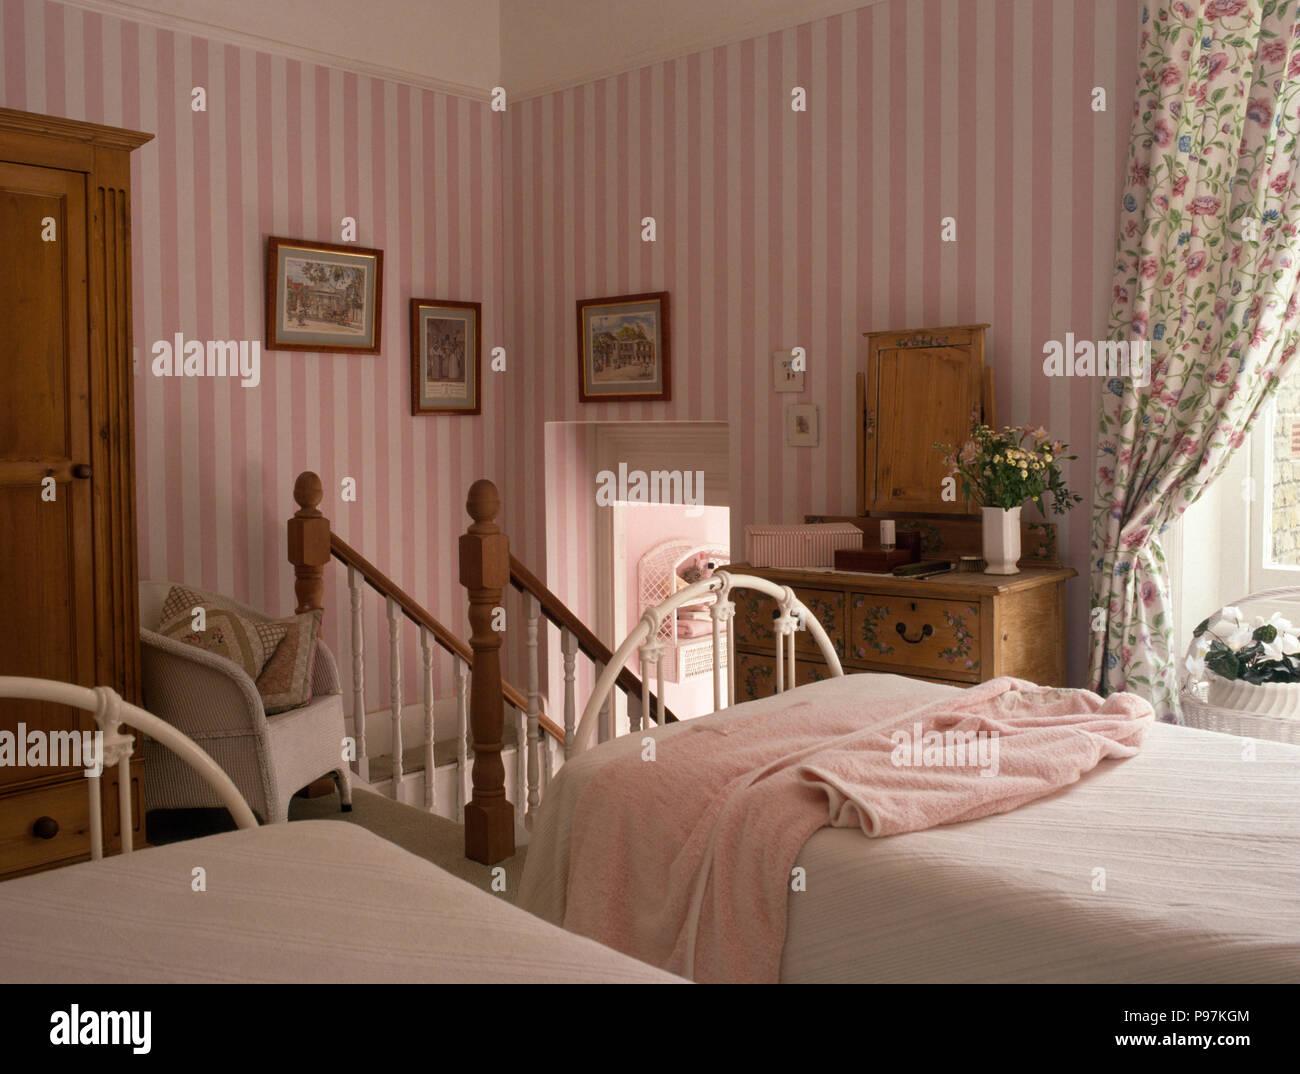 Carta Da Parati Rosa A Strisce : Rosa carta da parati a strisce negli ottanta camera da letto con